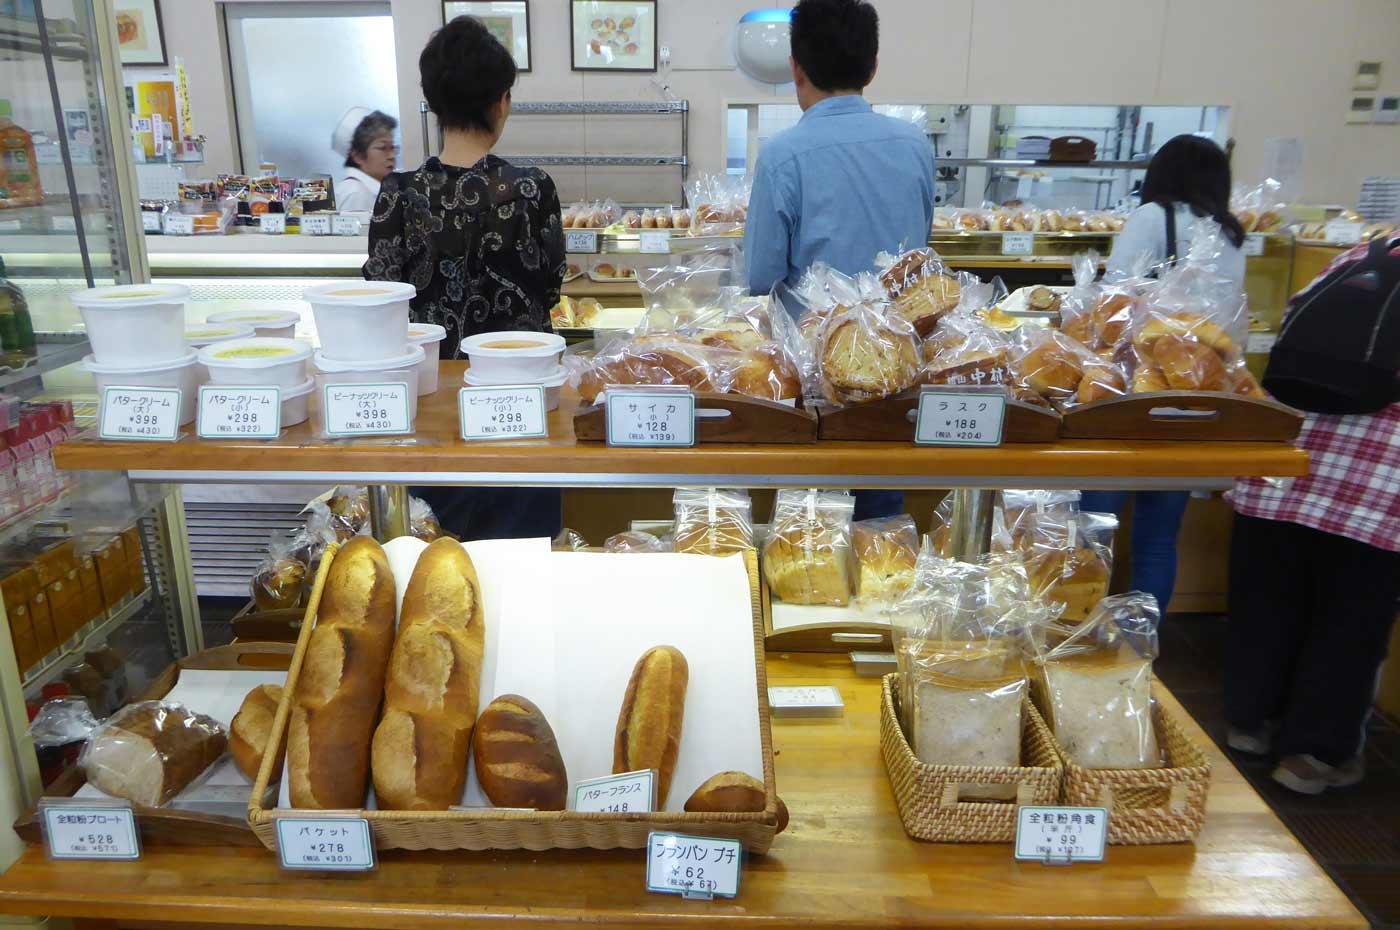 食パンなどのコーナー